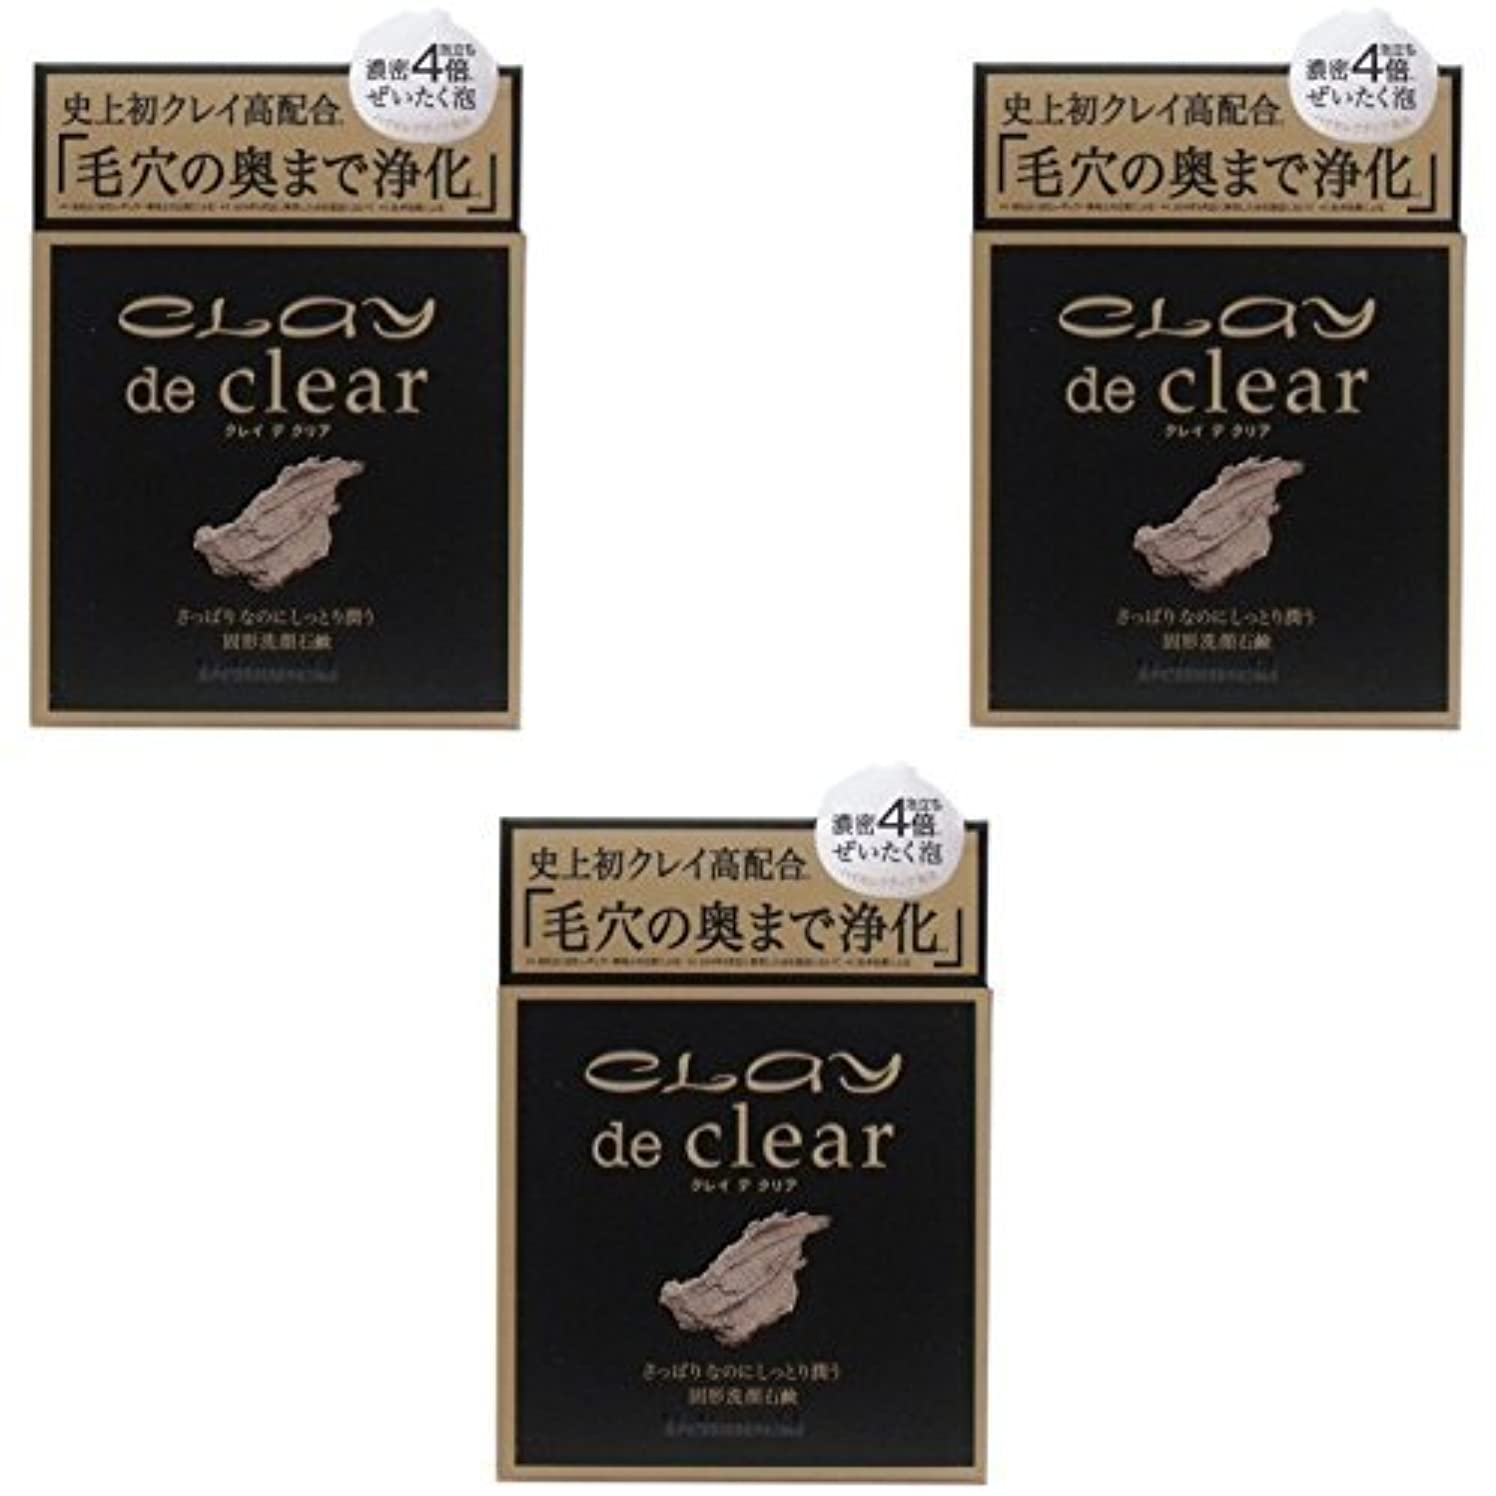 シャーロックホームズ勇敢な絵【まとめ買い】クレイ デ クリア フェイシャルソープ 80g【×3個】